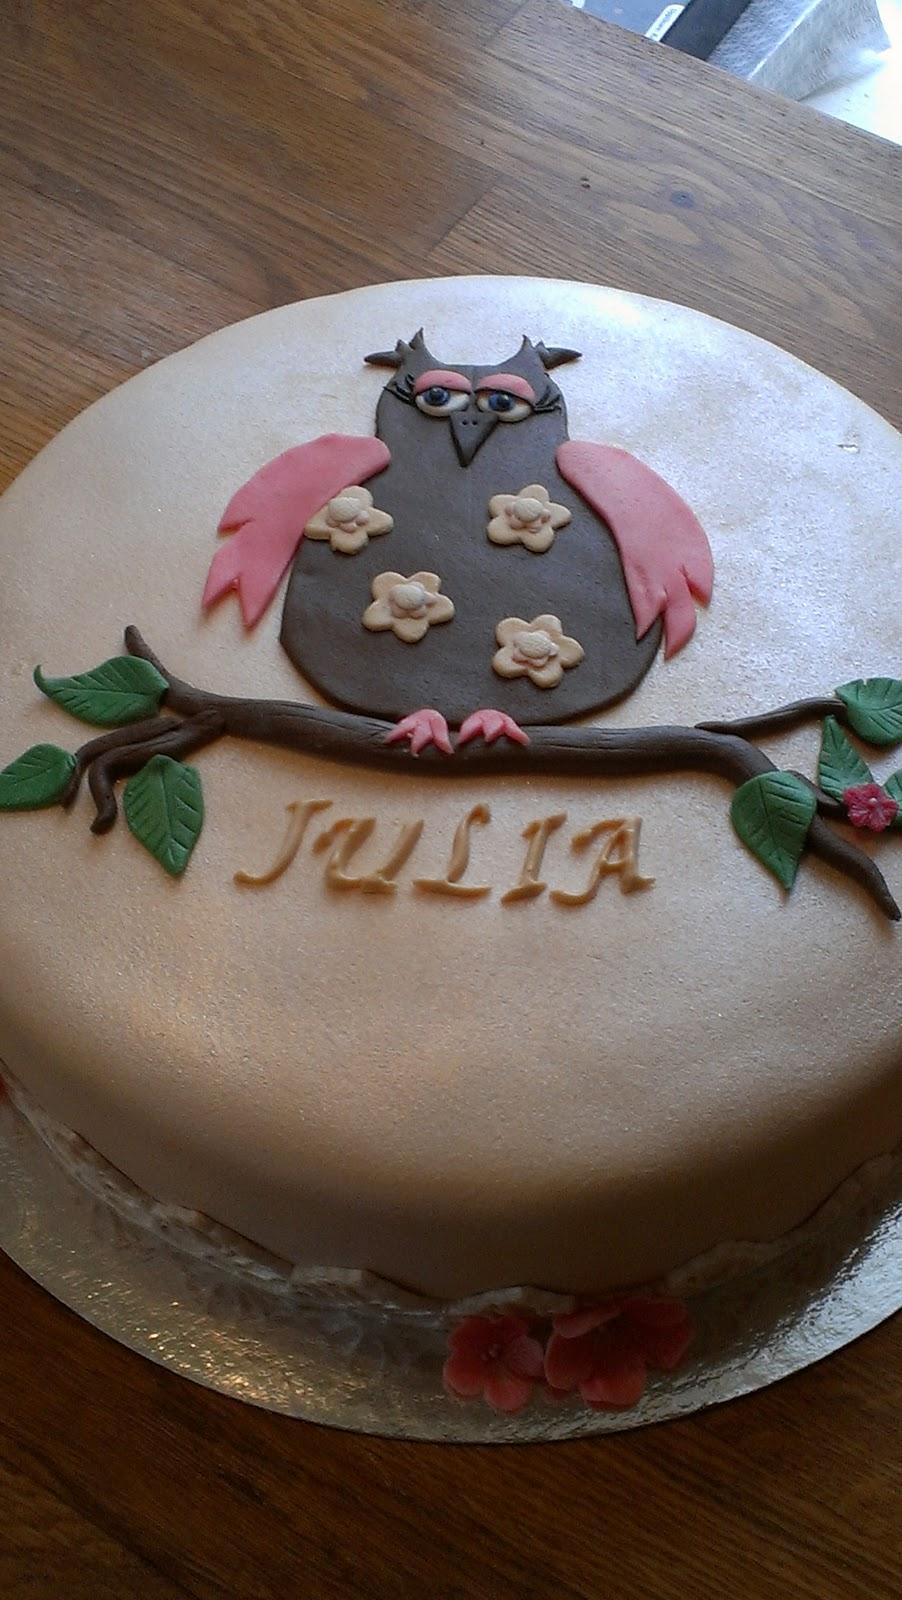 grattis julia Sandras tårtor: Grattis Julia grattis julia